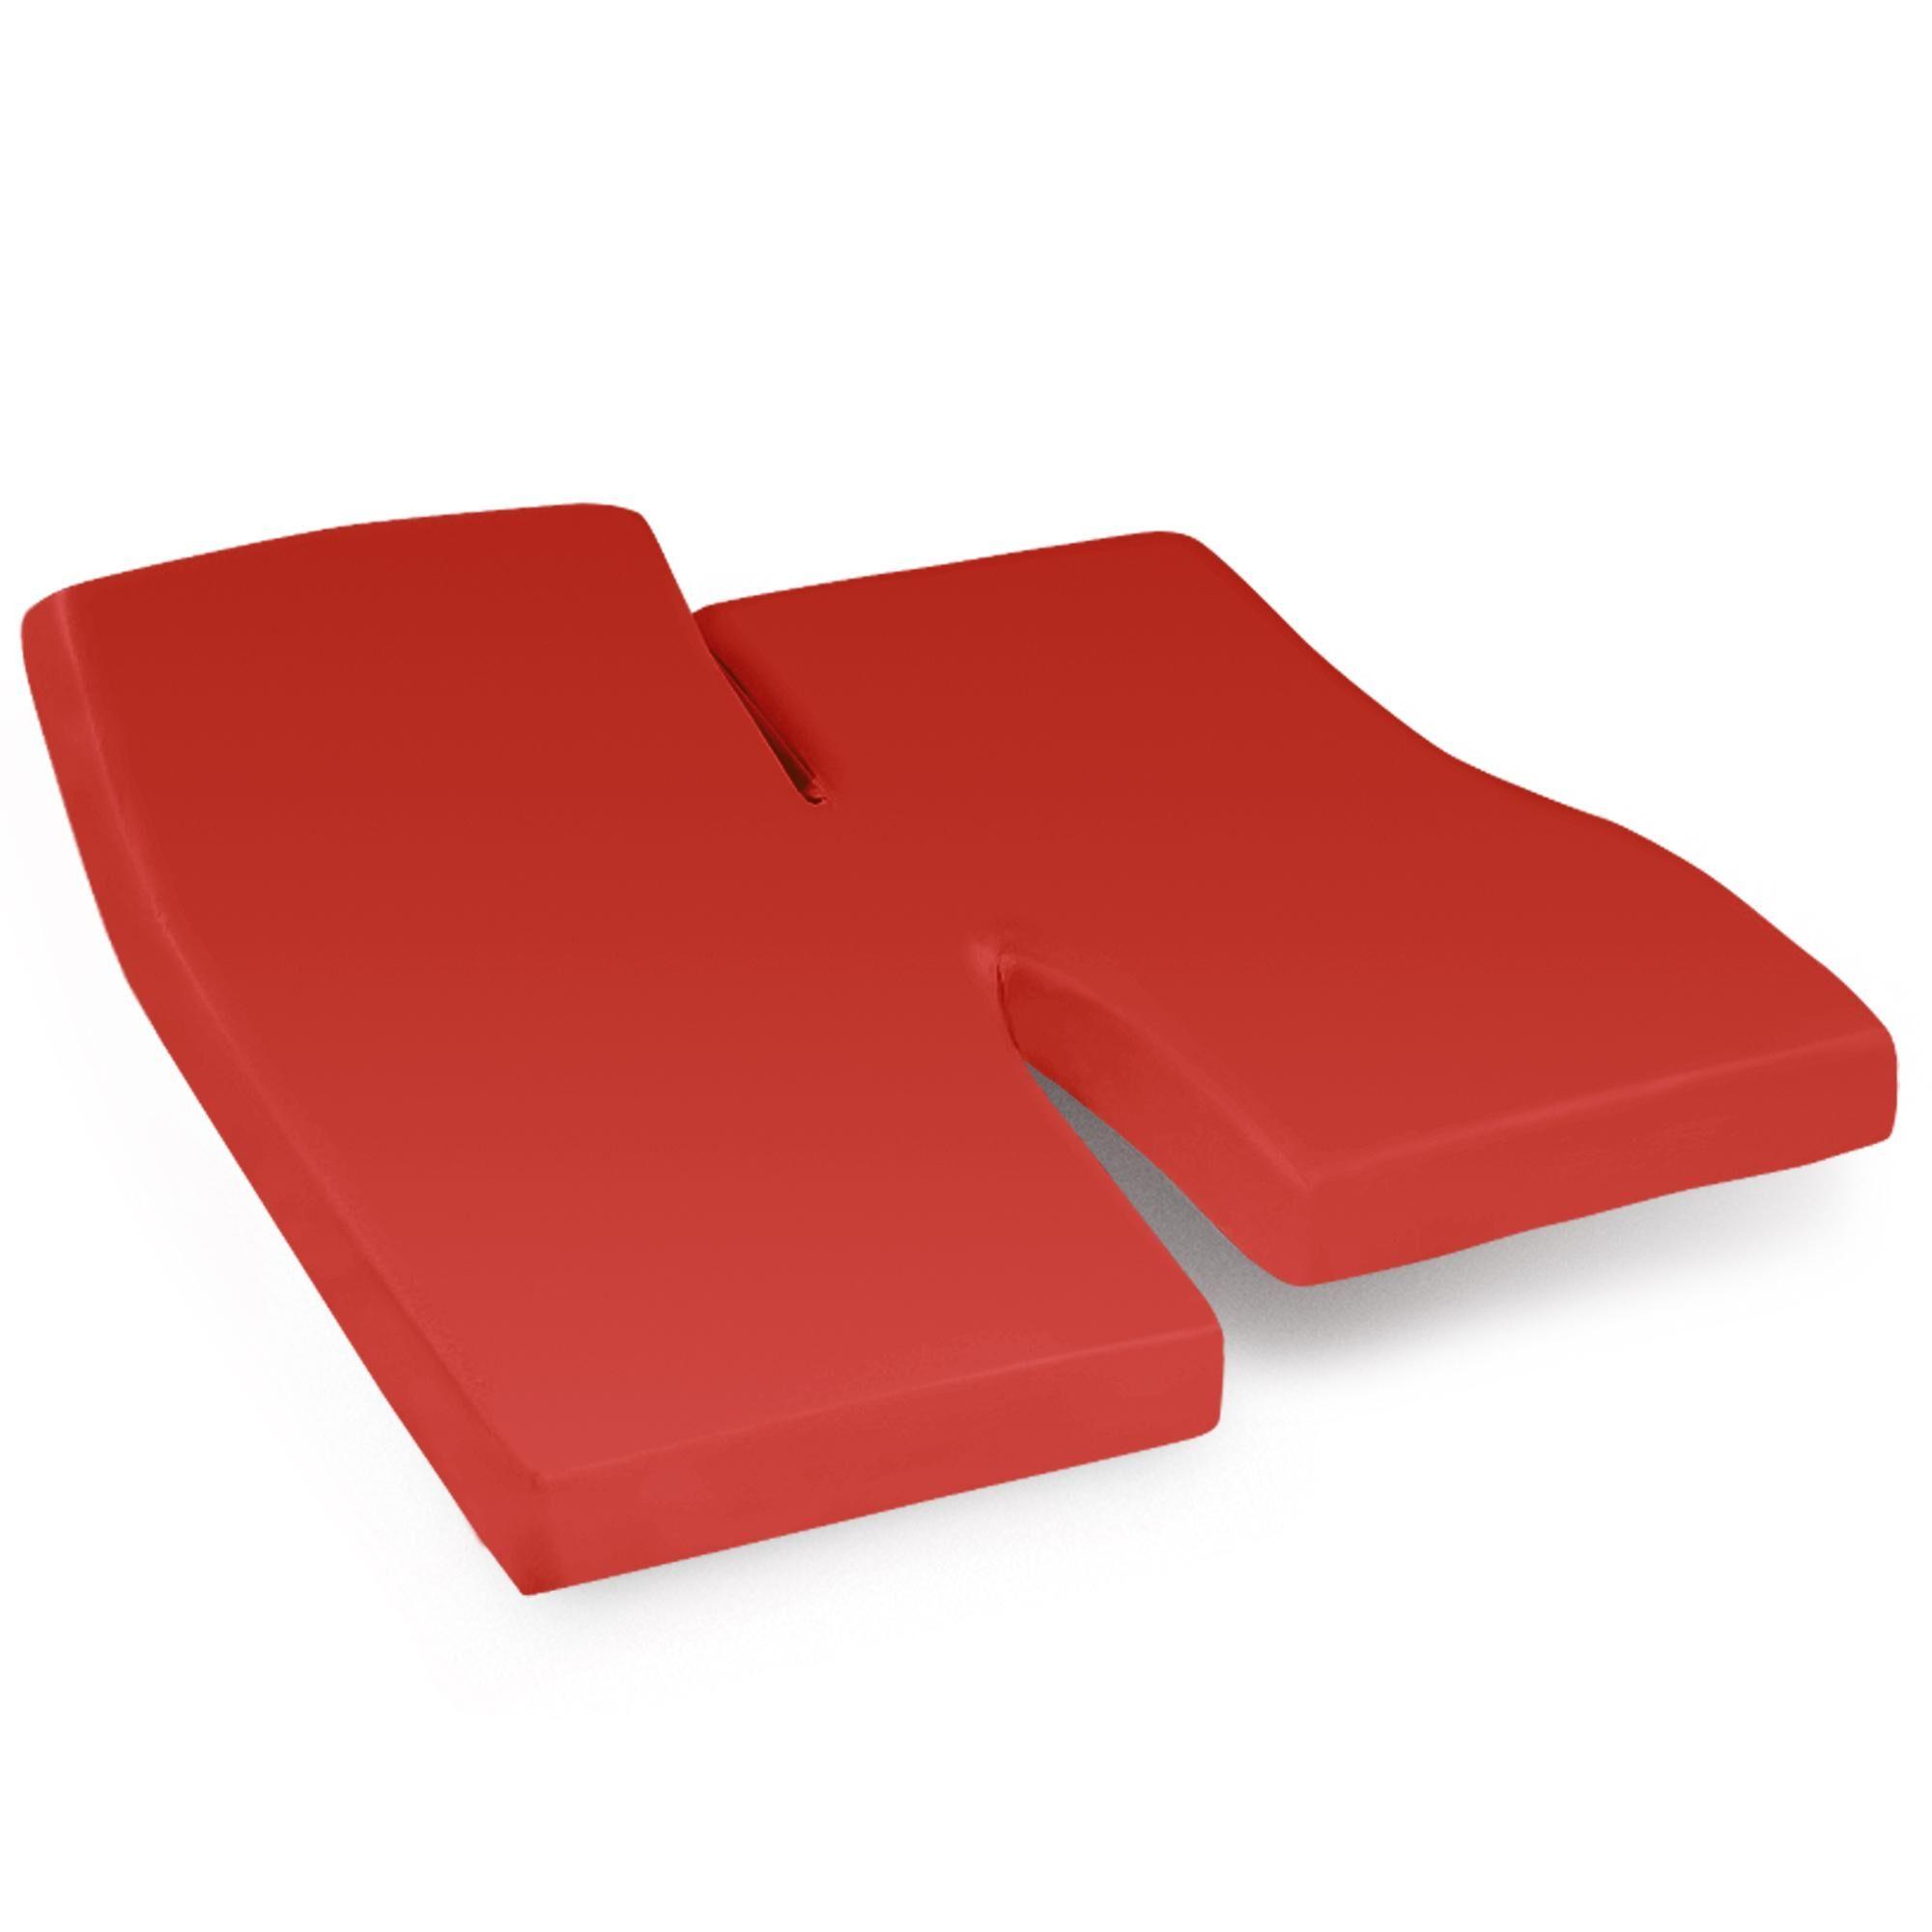 Linnea Drap housse relaxation uni 2x100x210 cm 100% coton ALTO orange Baie de Goji TPR Tête et pied relevable